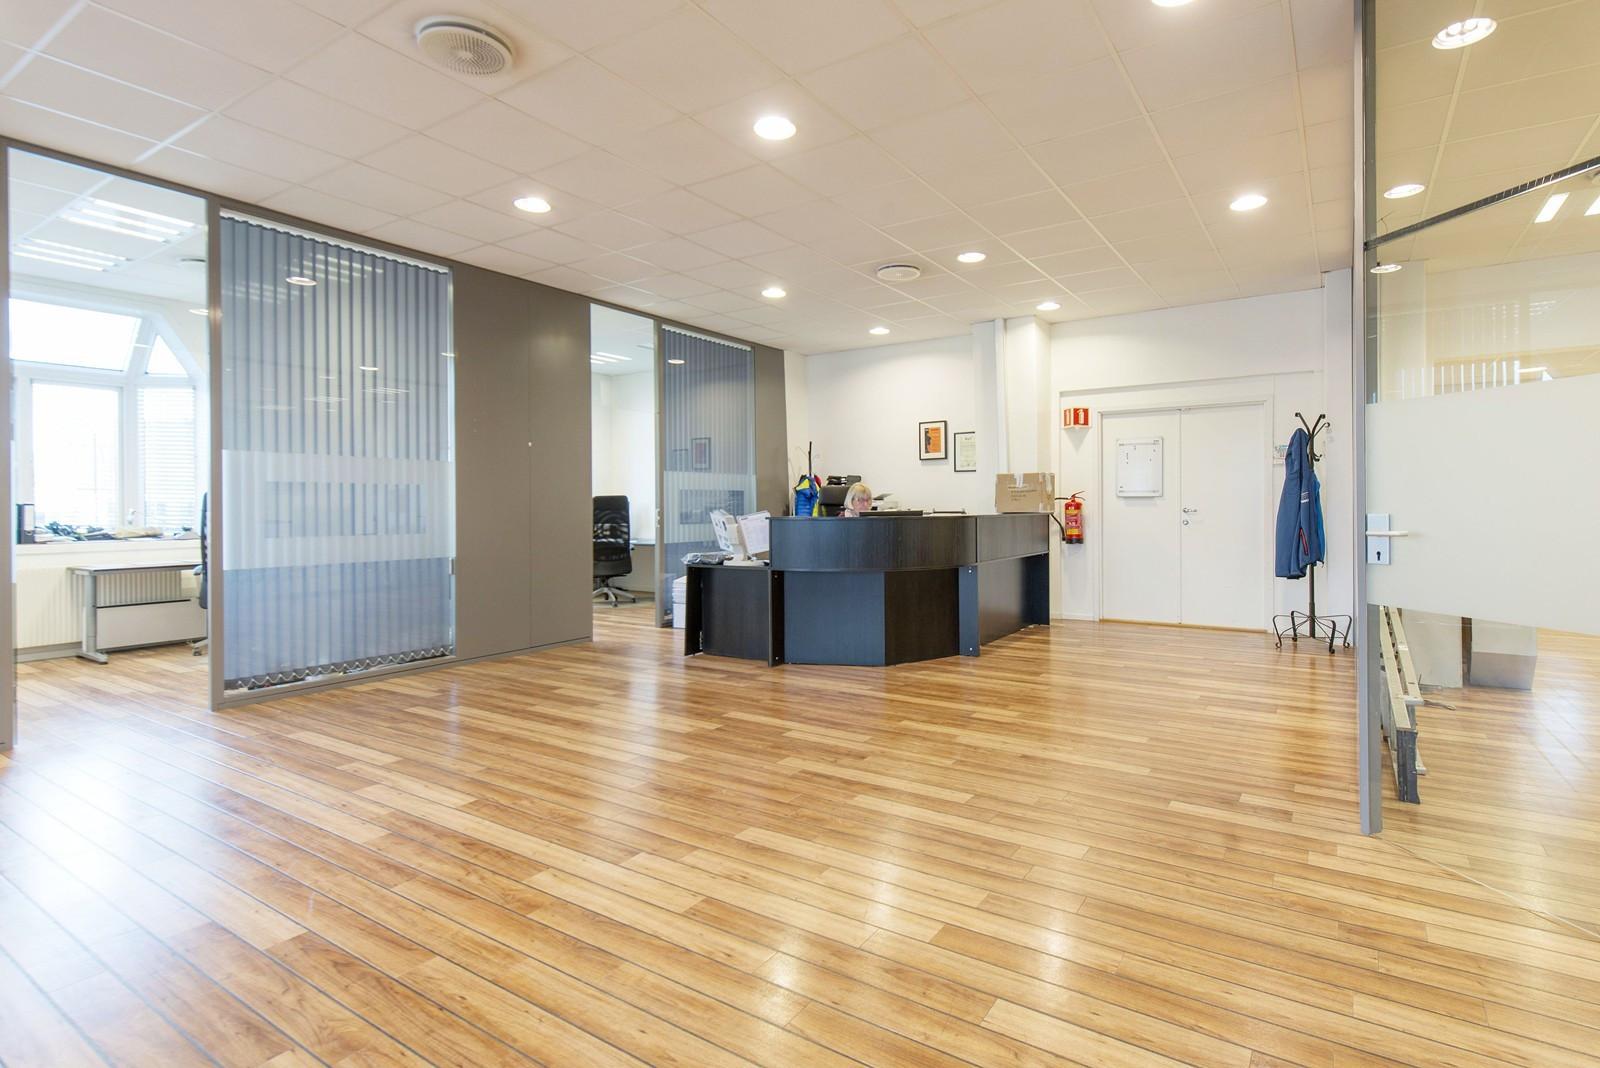 Resepsjon/åpent landskap/kontorer